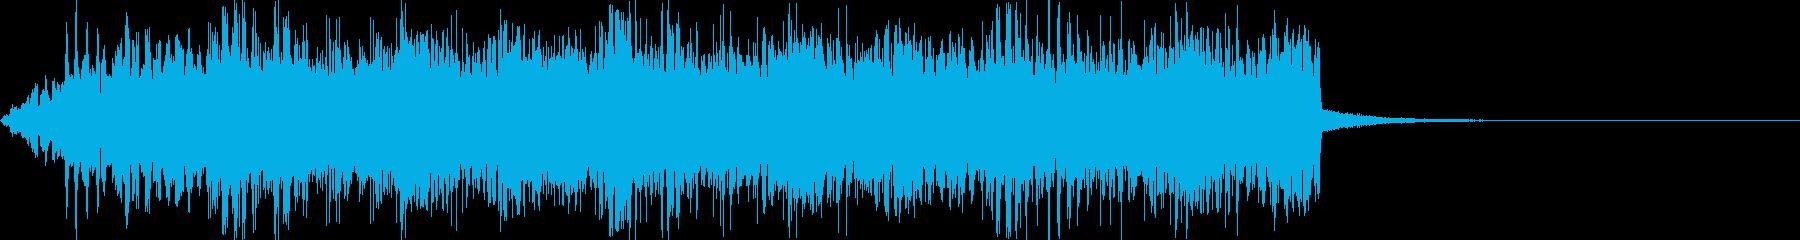 【ハロウィン】コウモリの群れの鳴き声の再生済みの波形